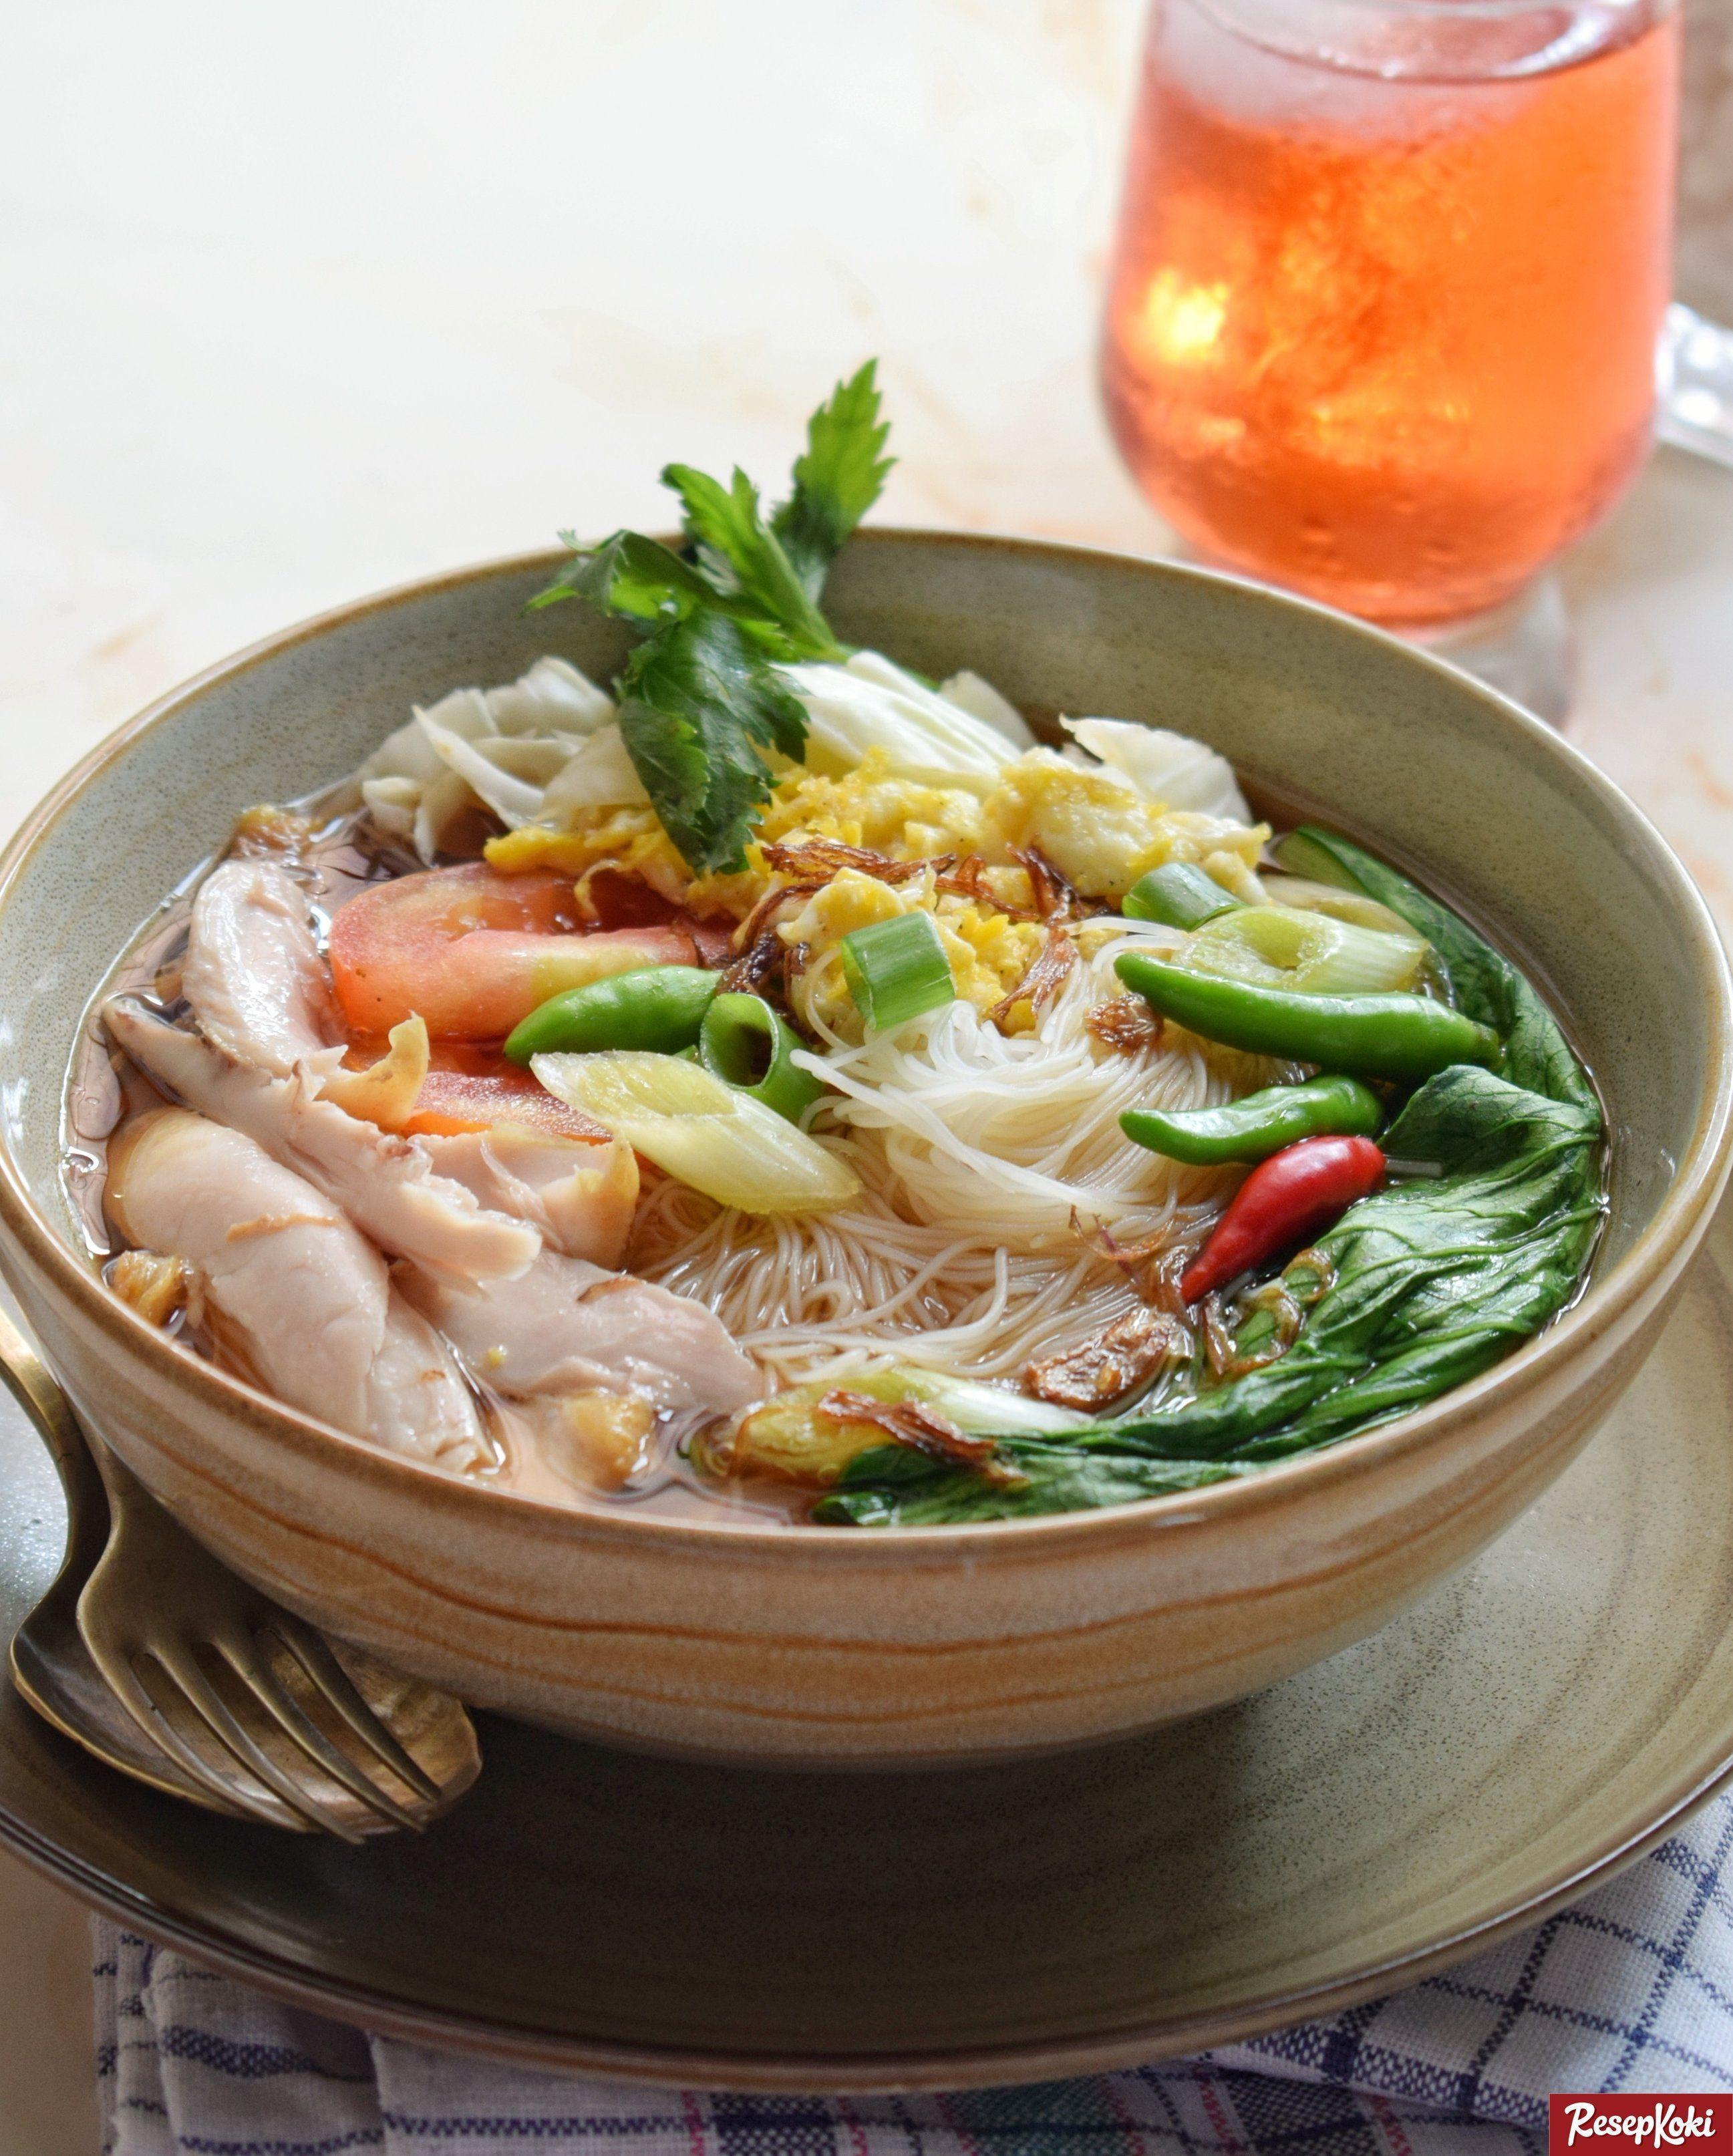 Bihun Kuah Gurih Sedap Praktis Cepat Sekejap Resep Resepkoki Resep Resep Resep Masakan Malaysia Masakan